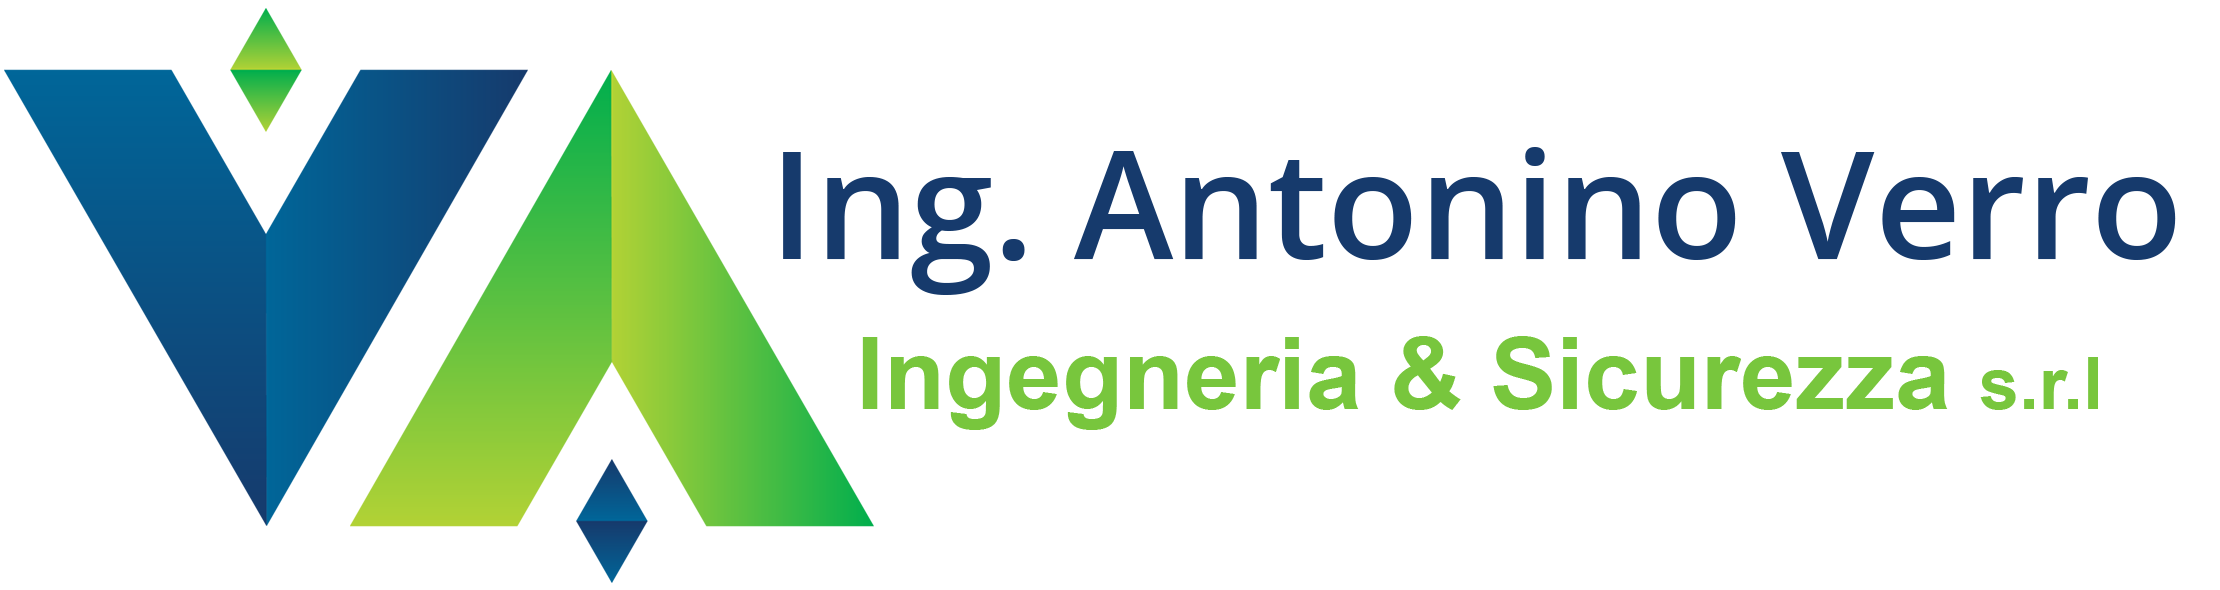 Verro Antonino Ingegneria & Sicurezza Srl